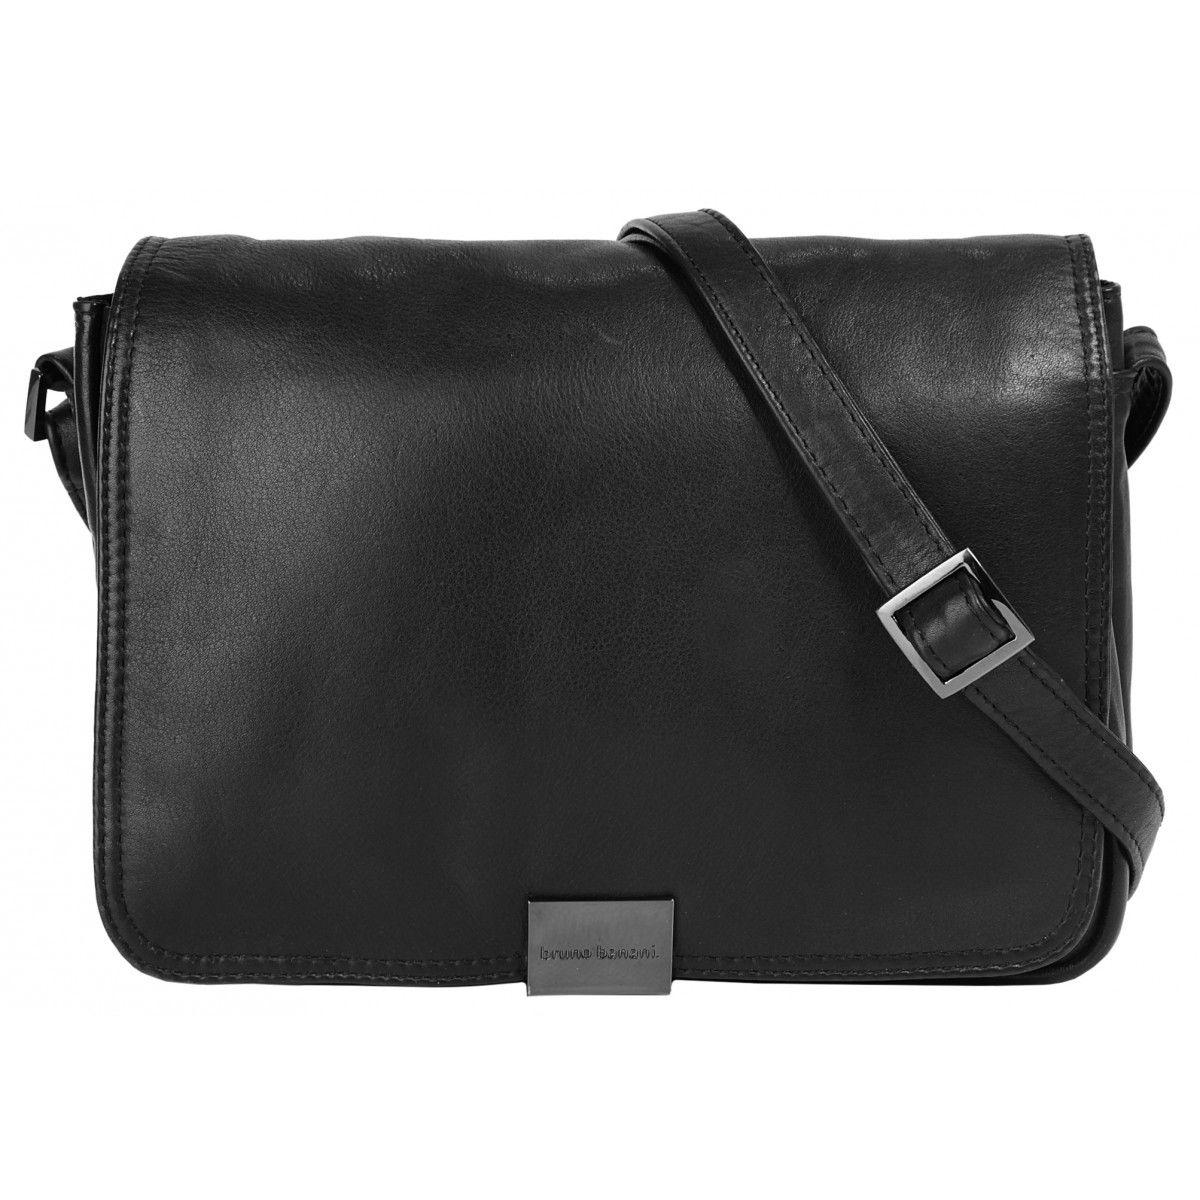 2f3e2de095e68 schicke schwarze Leder Damen Umhängetasche aus weichem Leder von Bruno  Banani